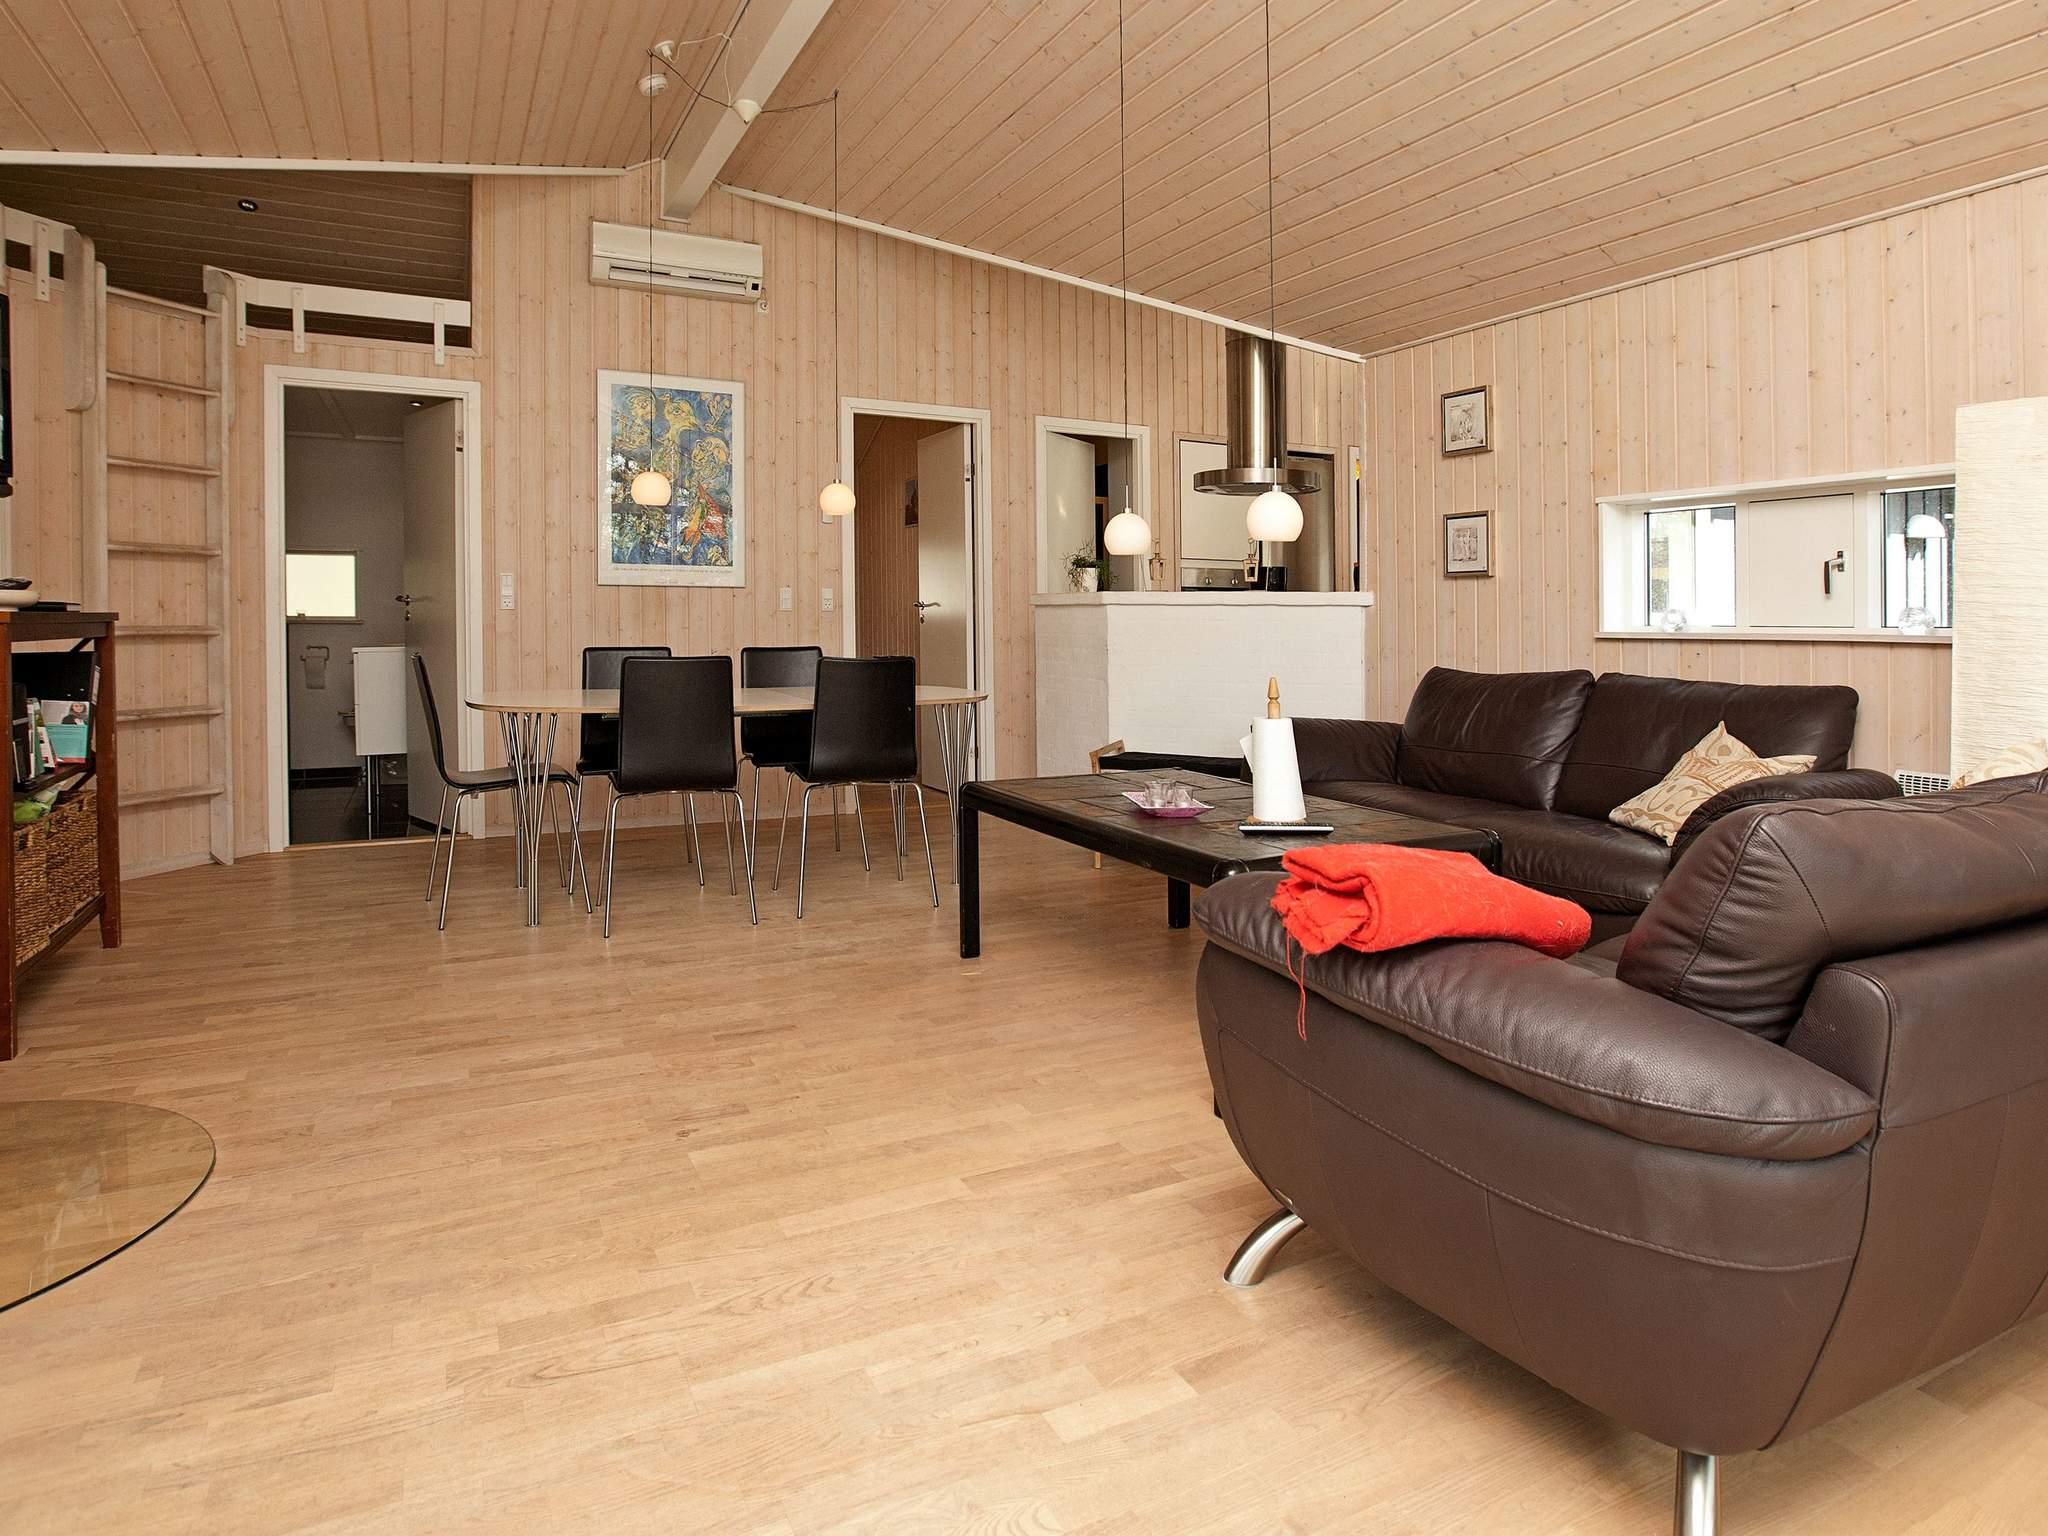 Ferienhaus Bjerge Strand (208413), Gørlev, , Westseeland, Dänemark, Bild 7